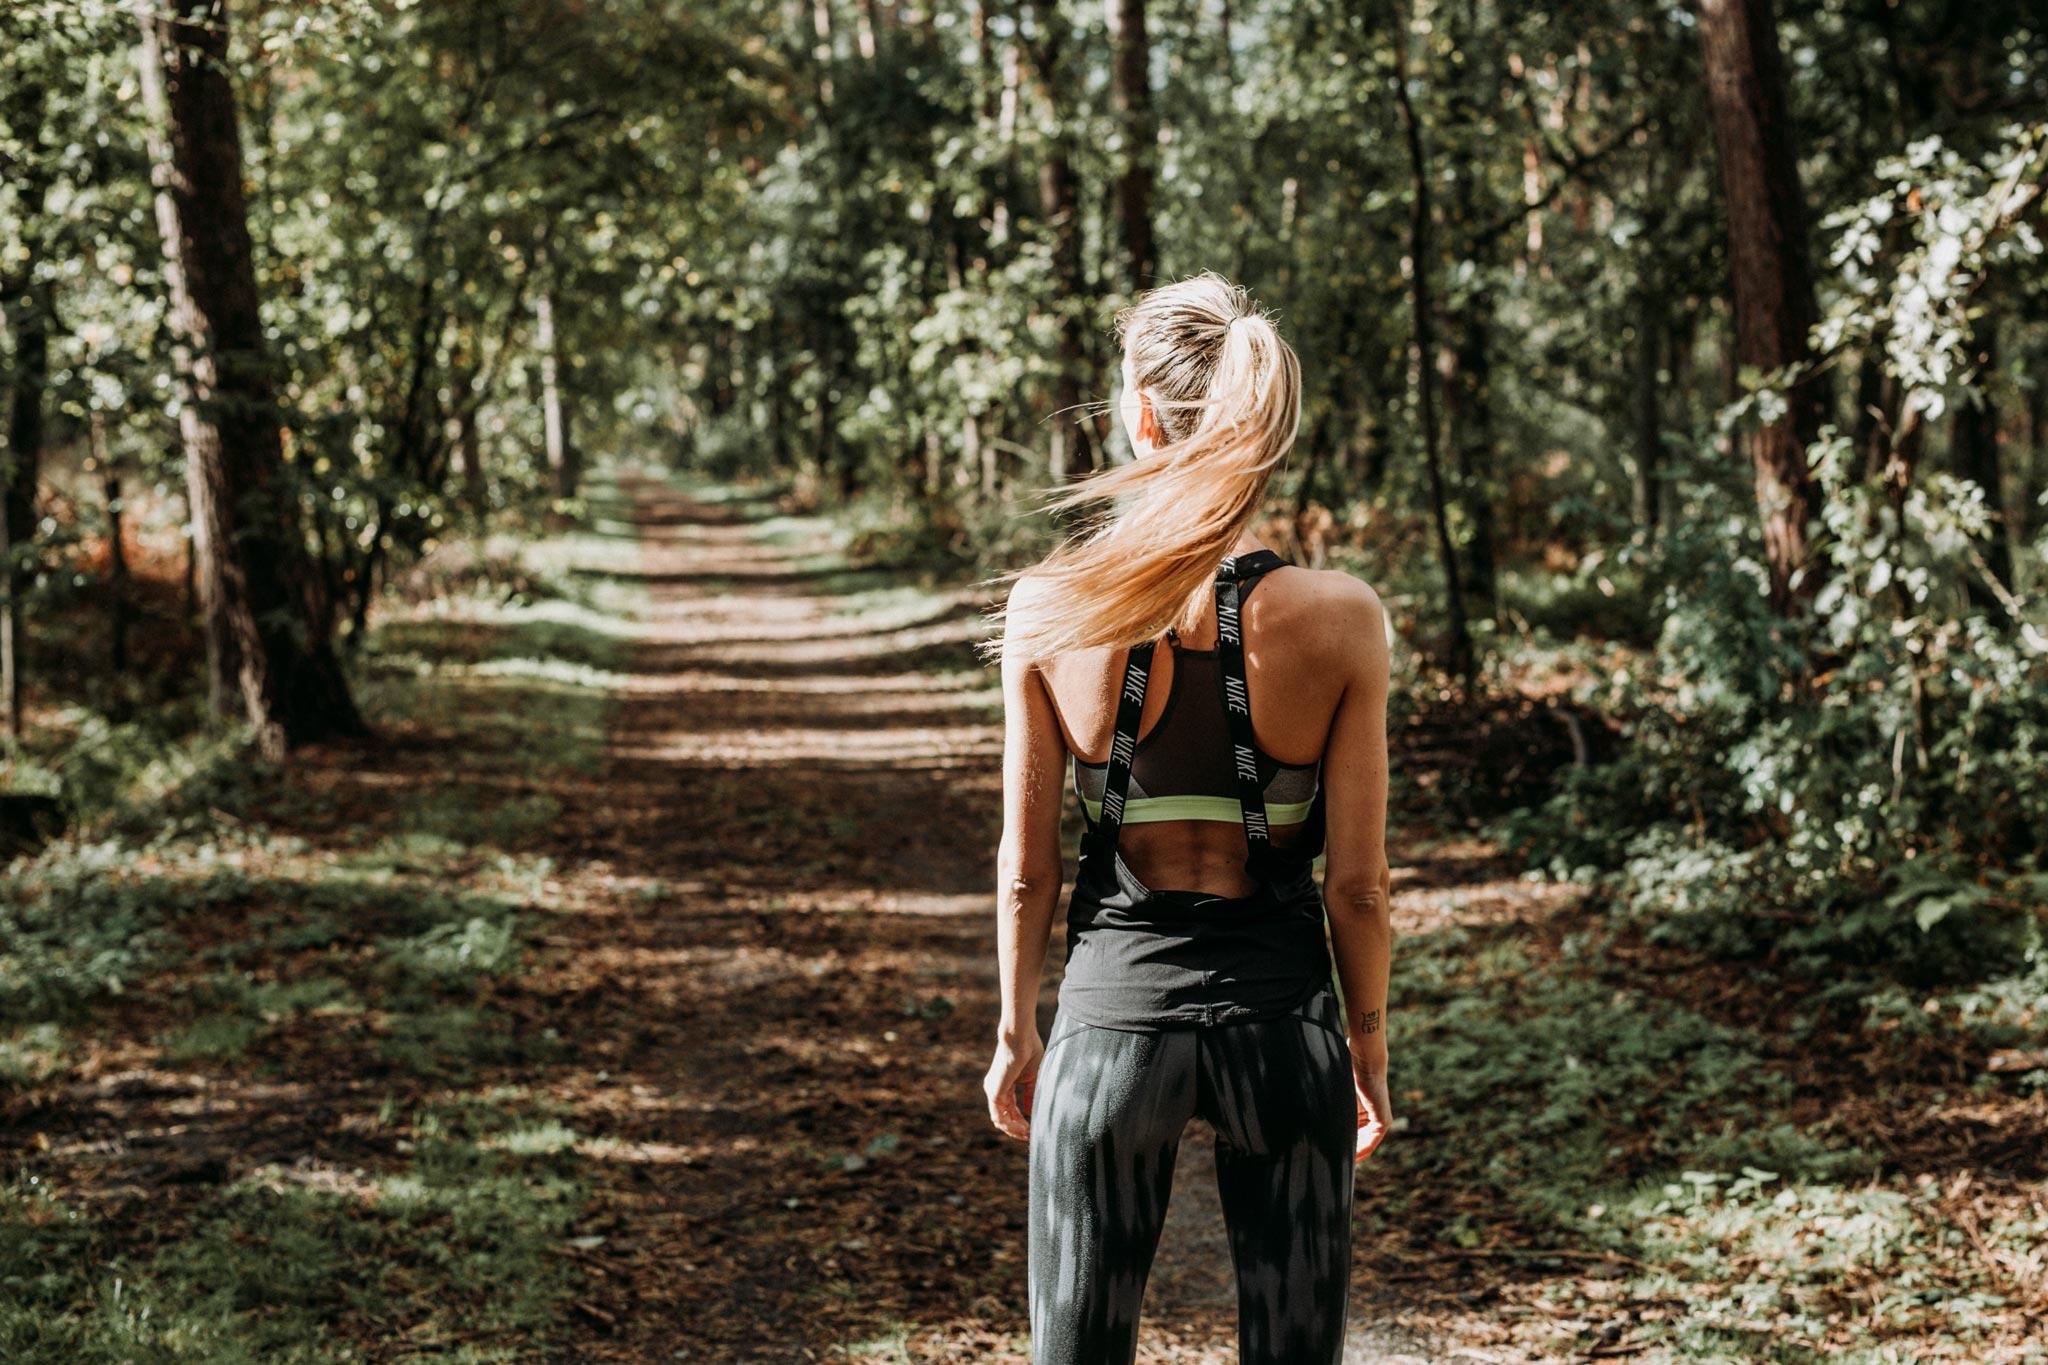 Athlète féminine courant sur un sentier de randonnée en plein air dans les bois en tenue Nike